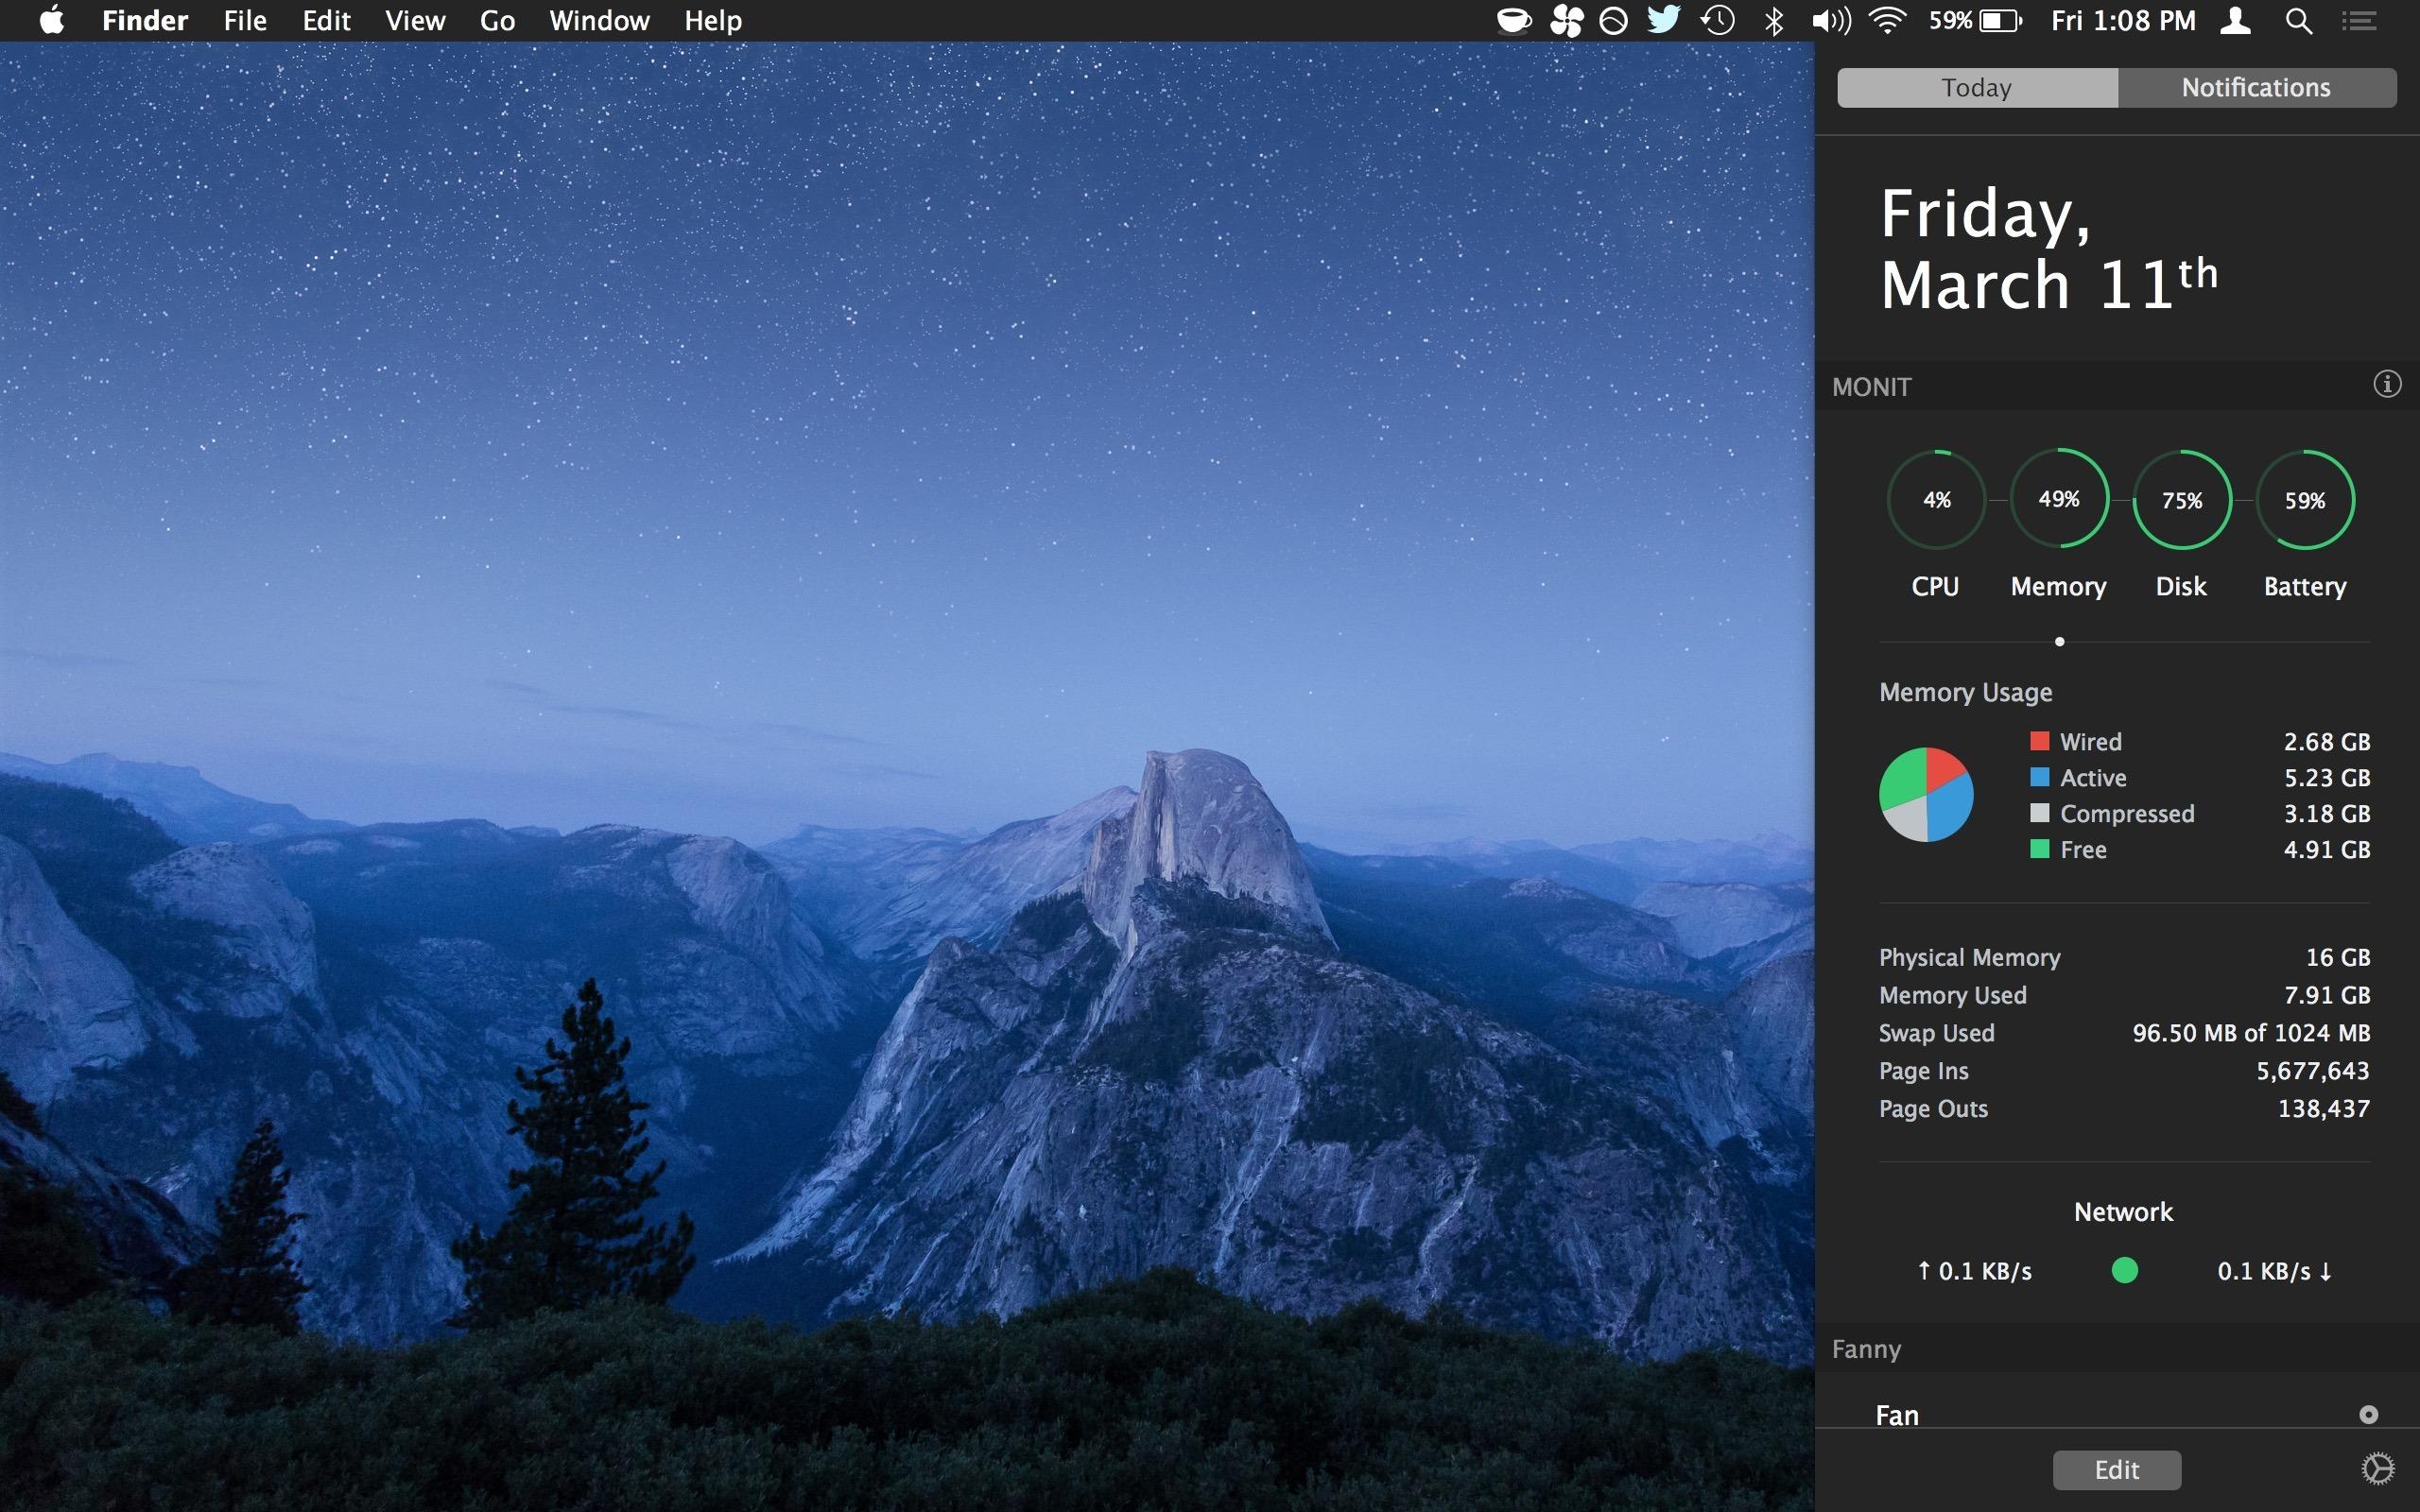 Controllo dell'utilizzo delle risorse di sistema in Monit per Mac Notification Center